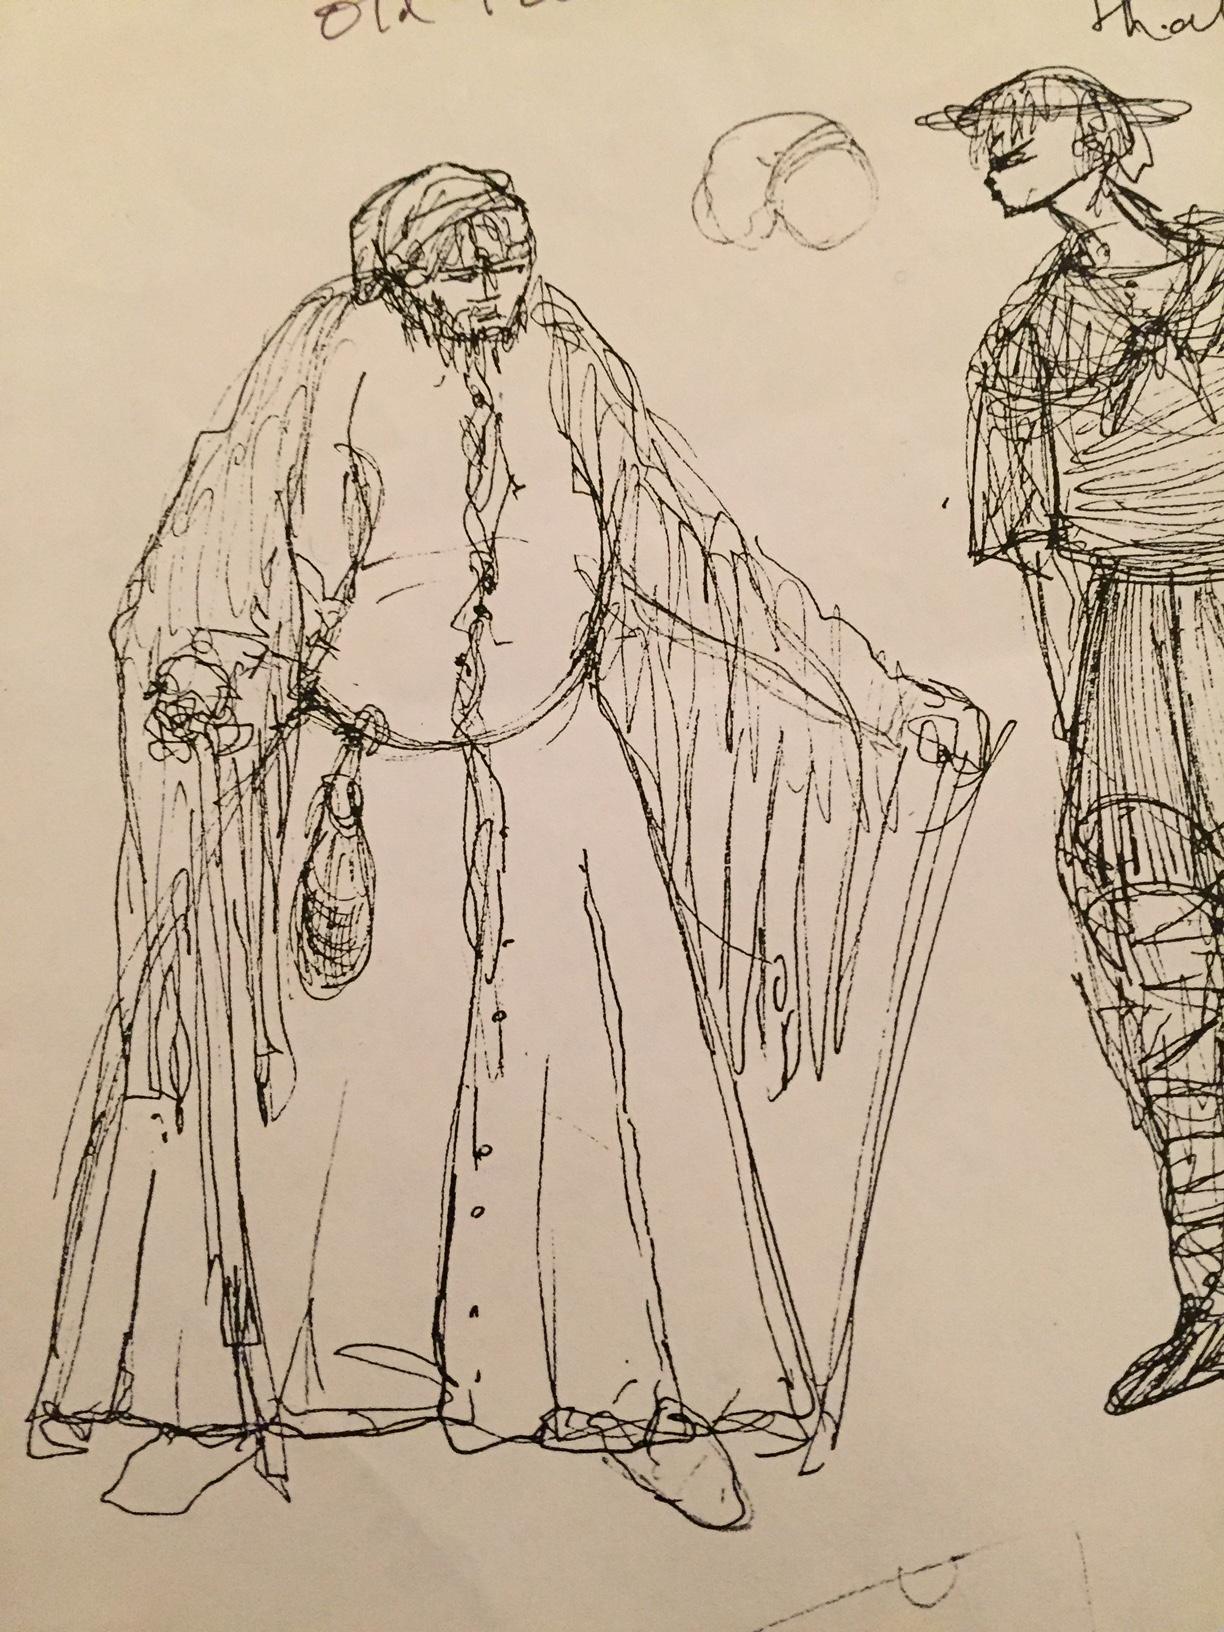 Faust - David Roger - set design - sketch  2.jpg